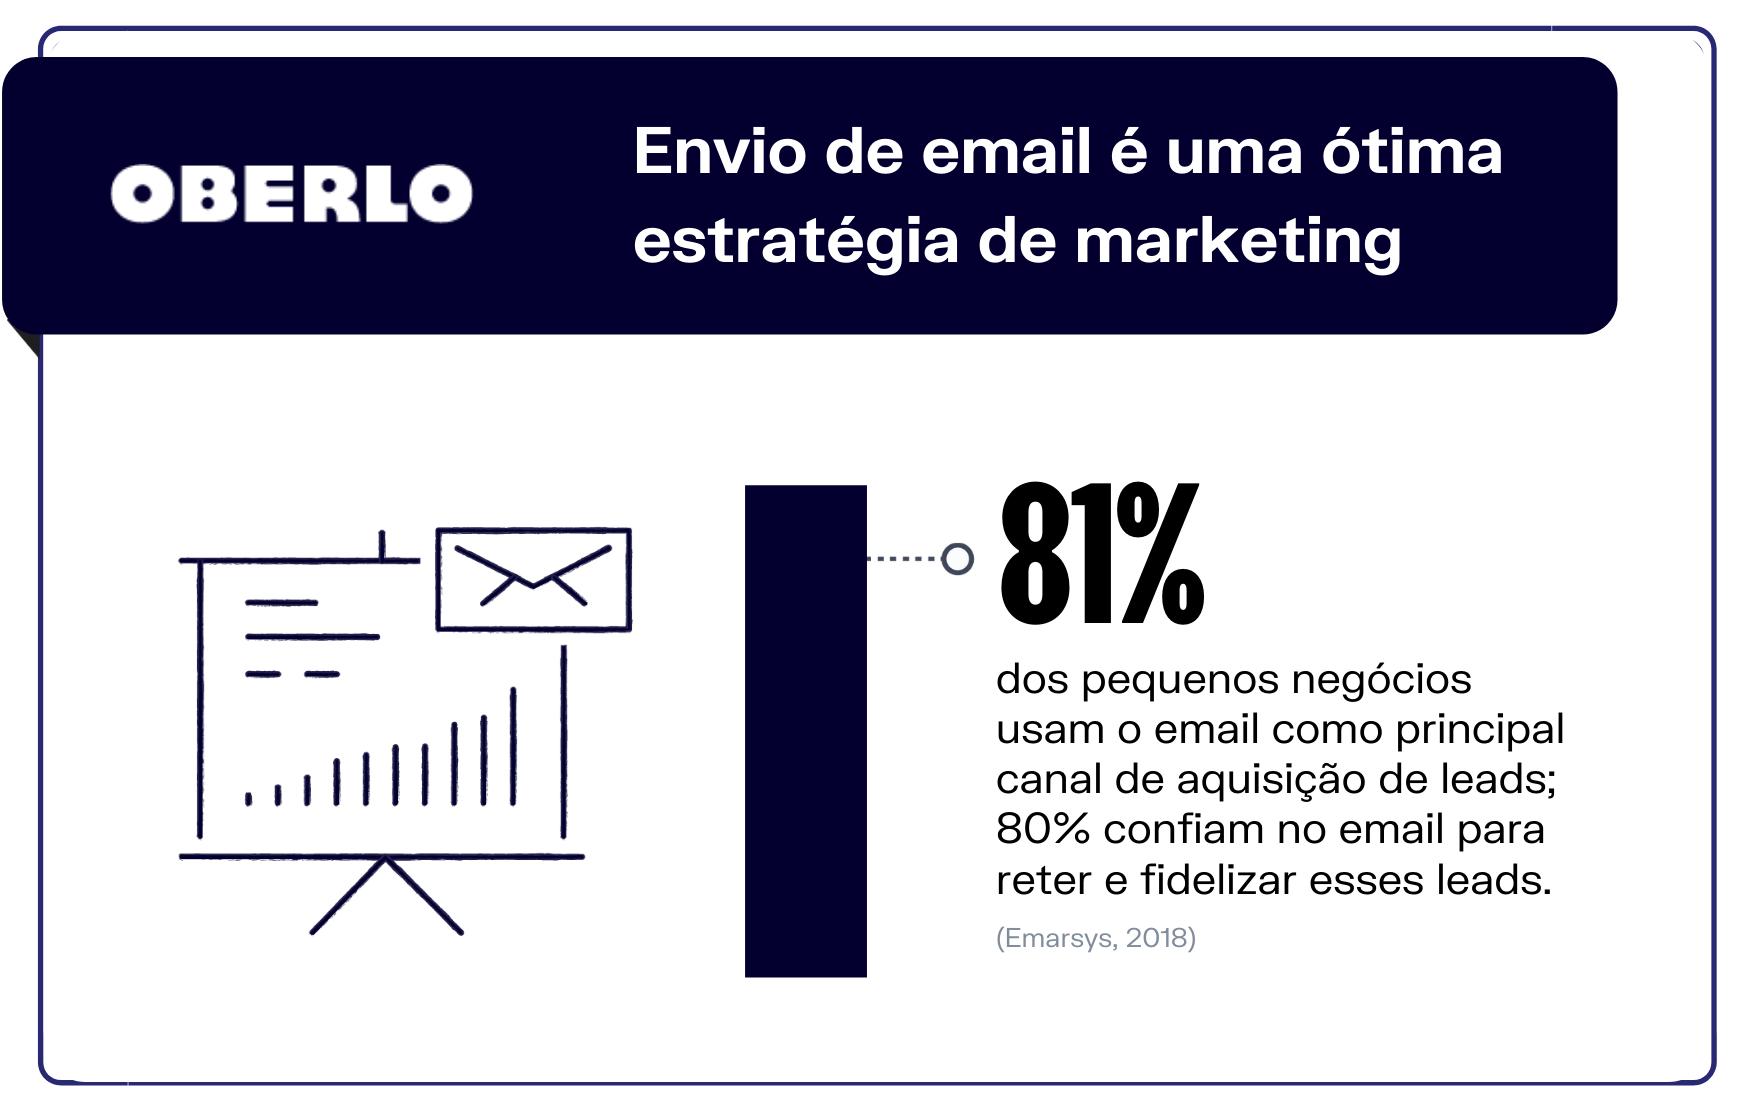 Estatísticas de email - Envio de email é uma ótima estratégia de marketing